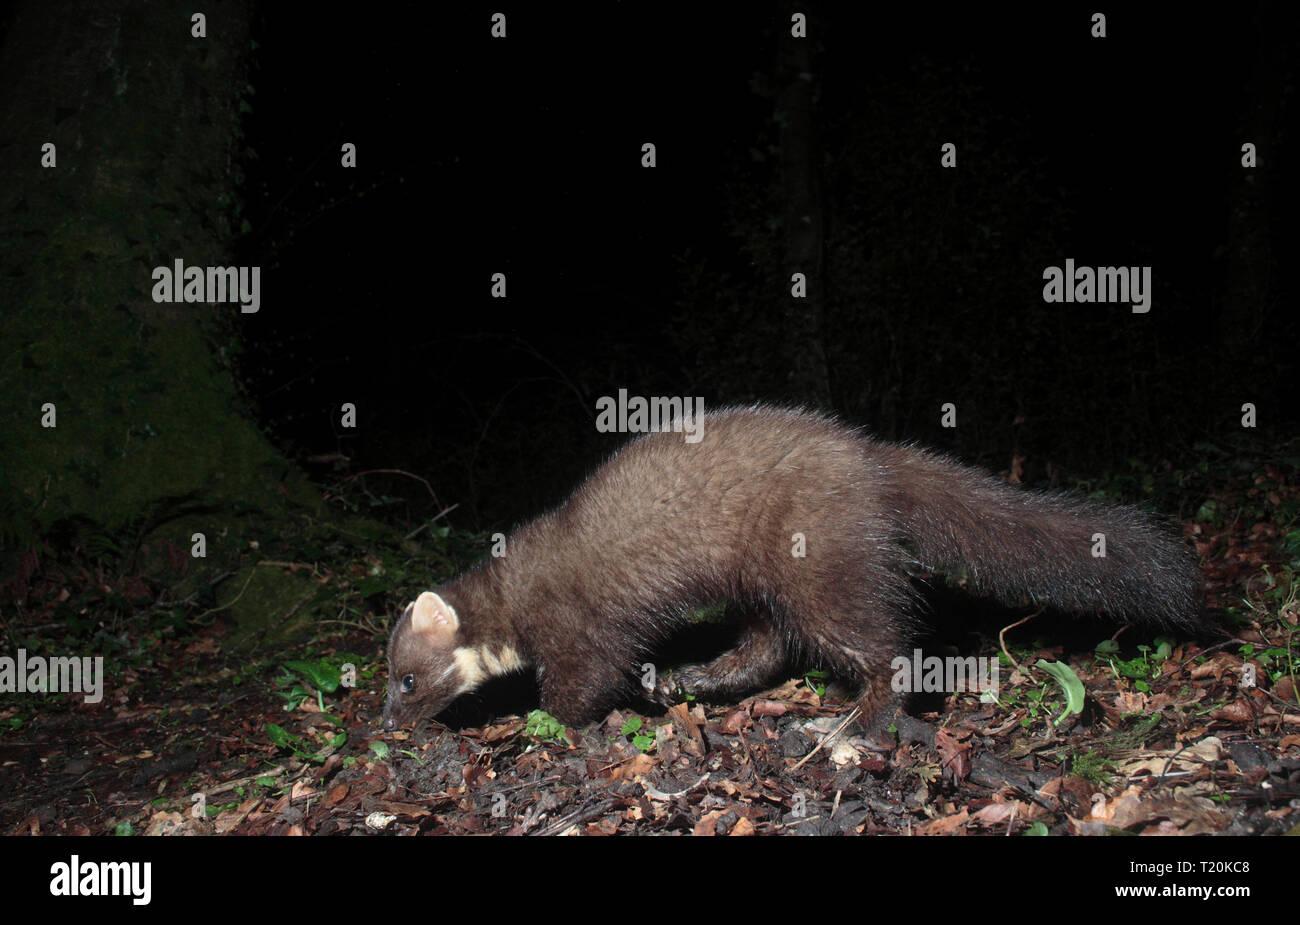 Pine Marten - Stock Image